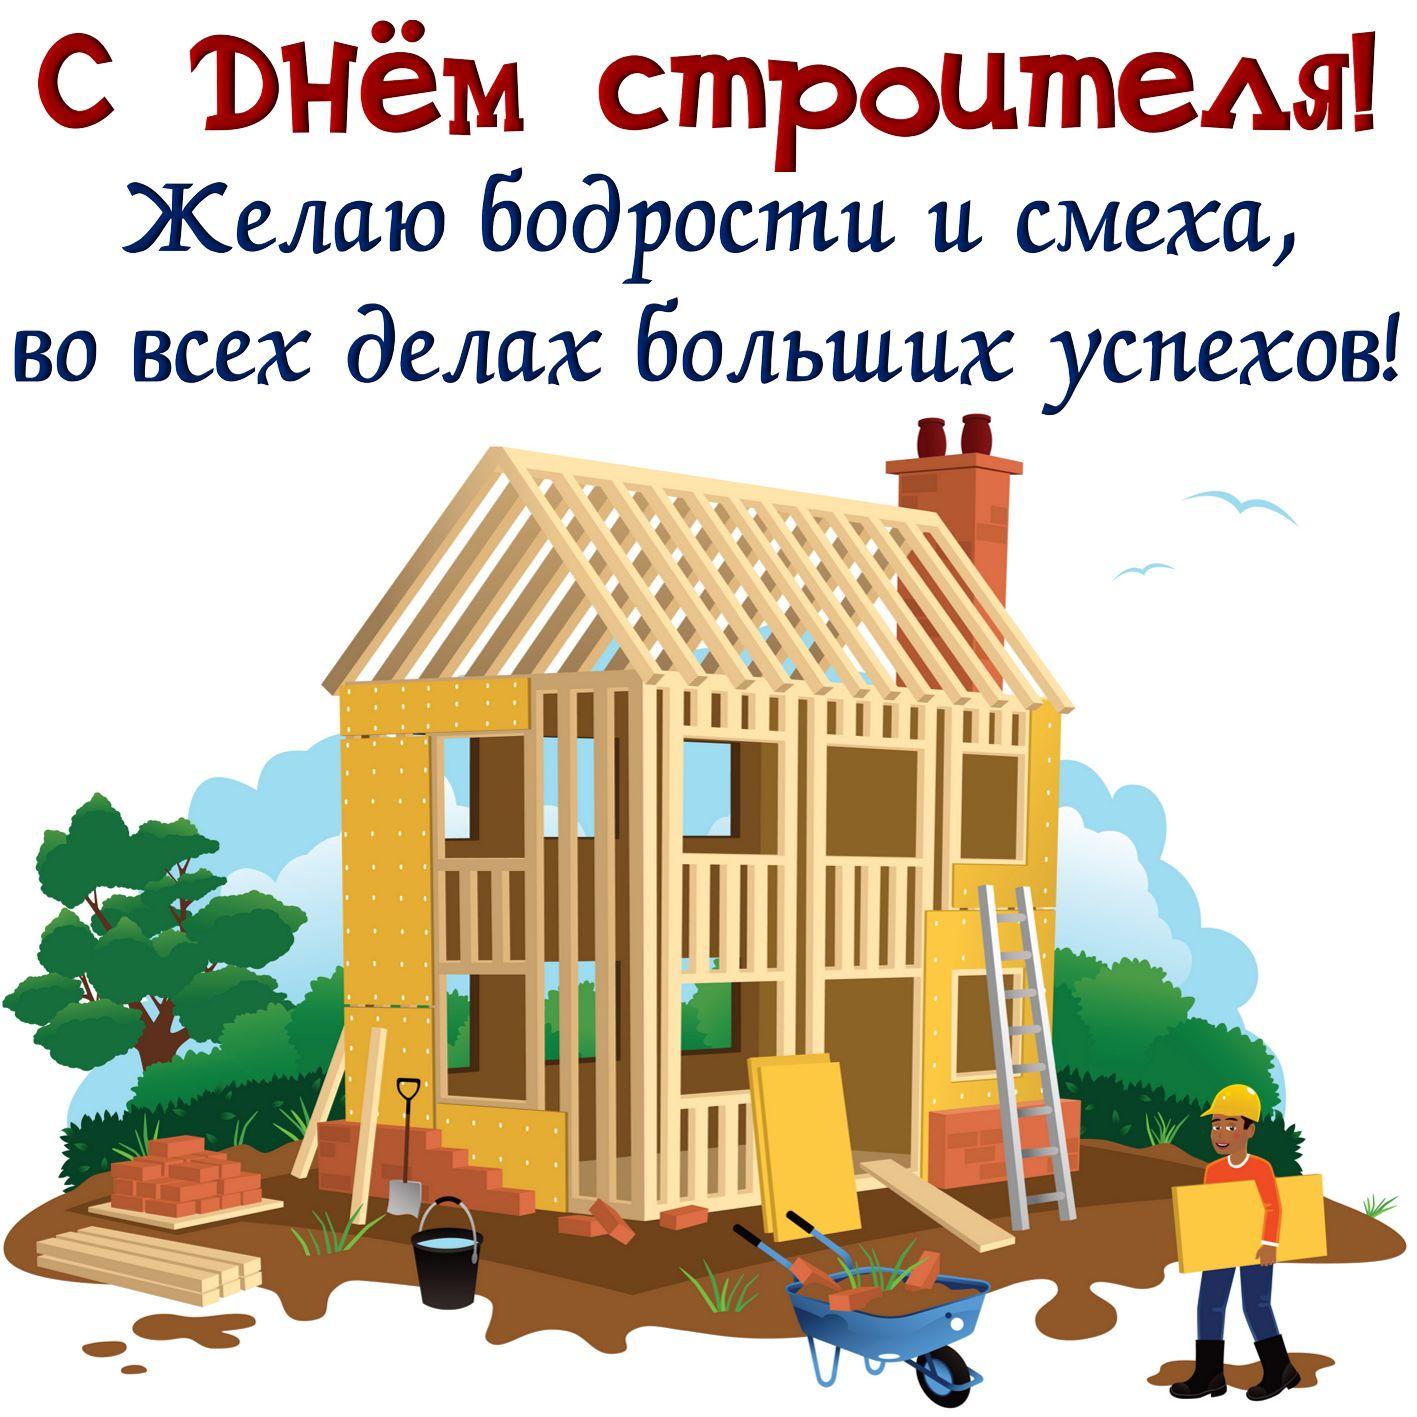 Картинка со строящимся домиком на День строителя